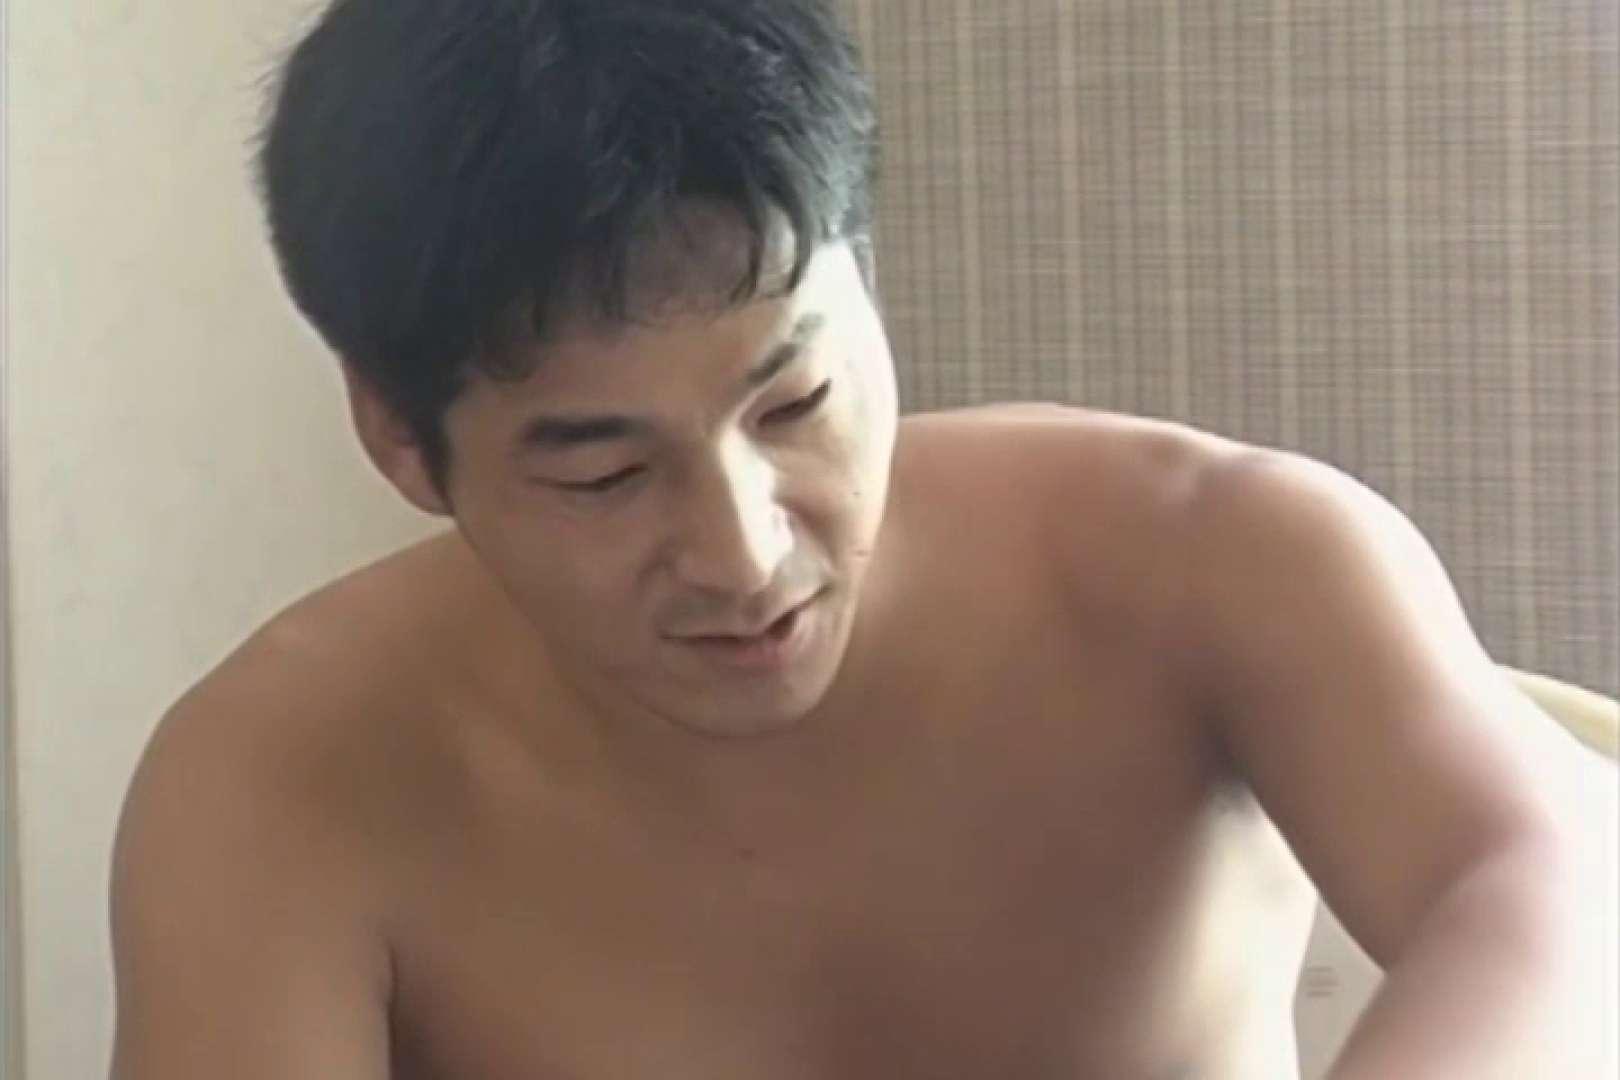 スポメン競パン部、真っ盛り!!Vol.02 イケメン  79pic 3